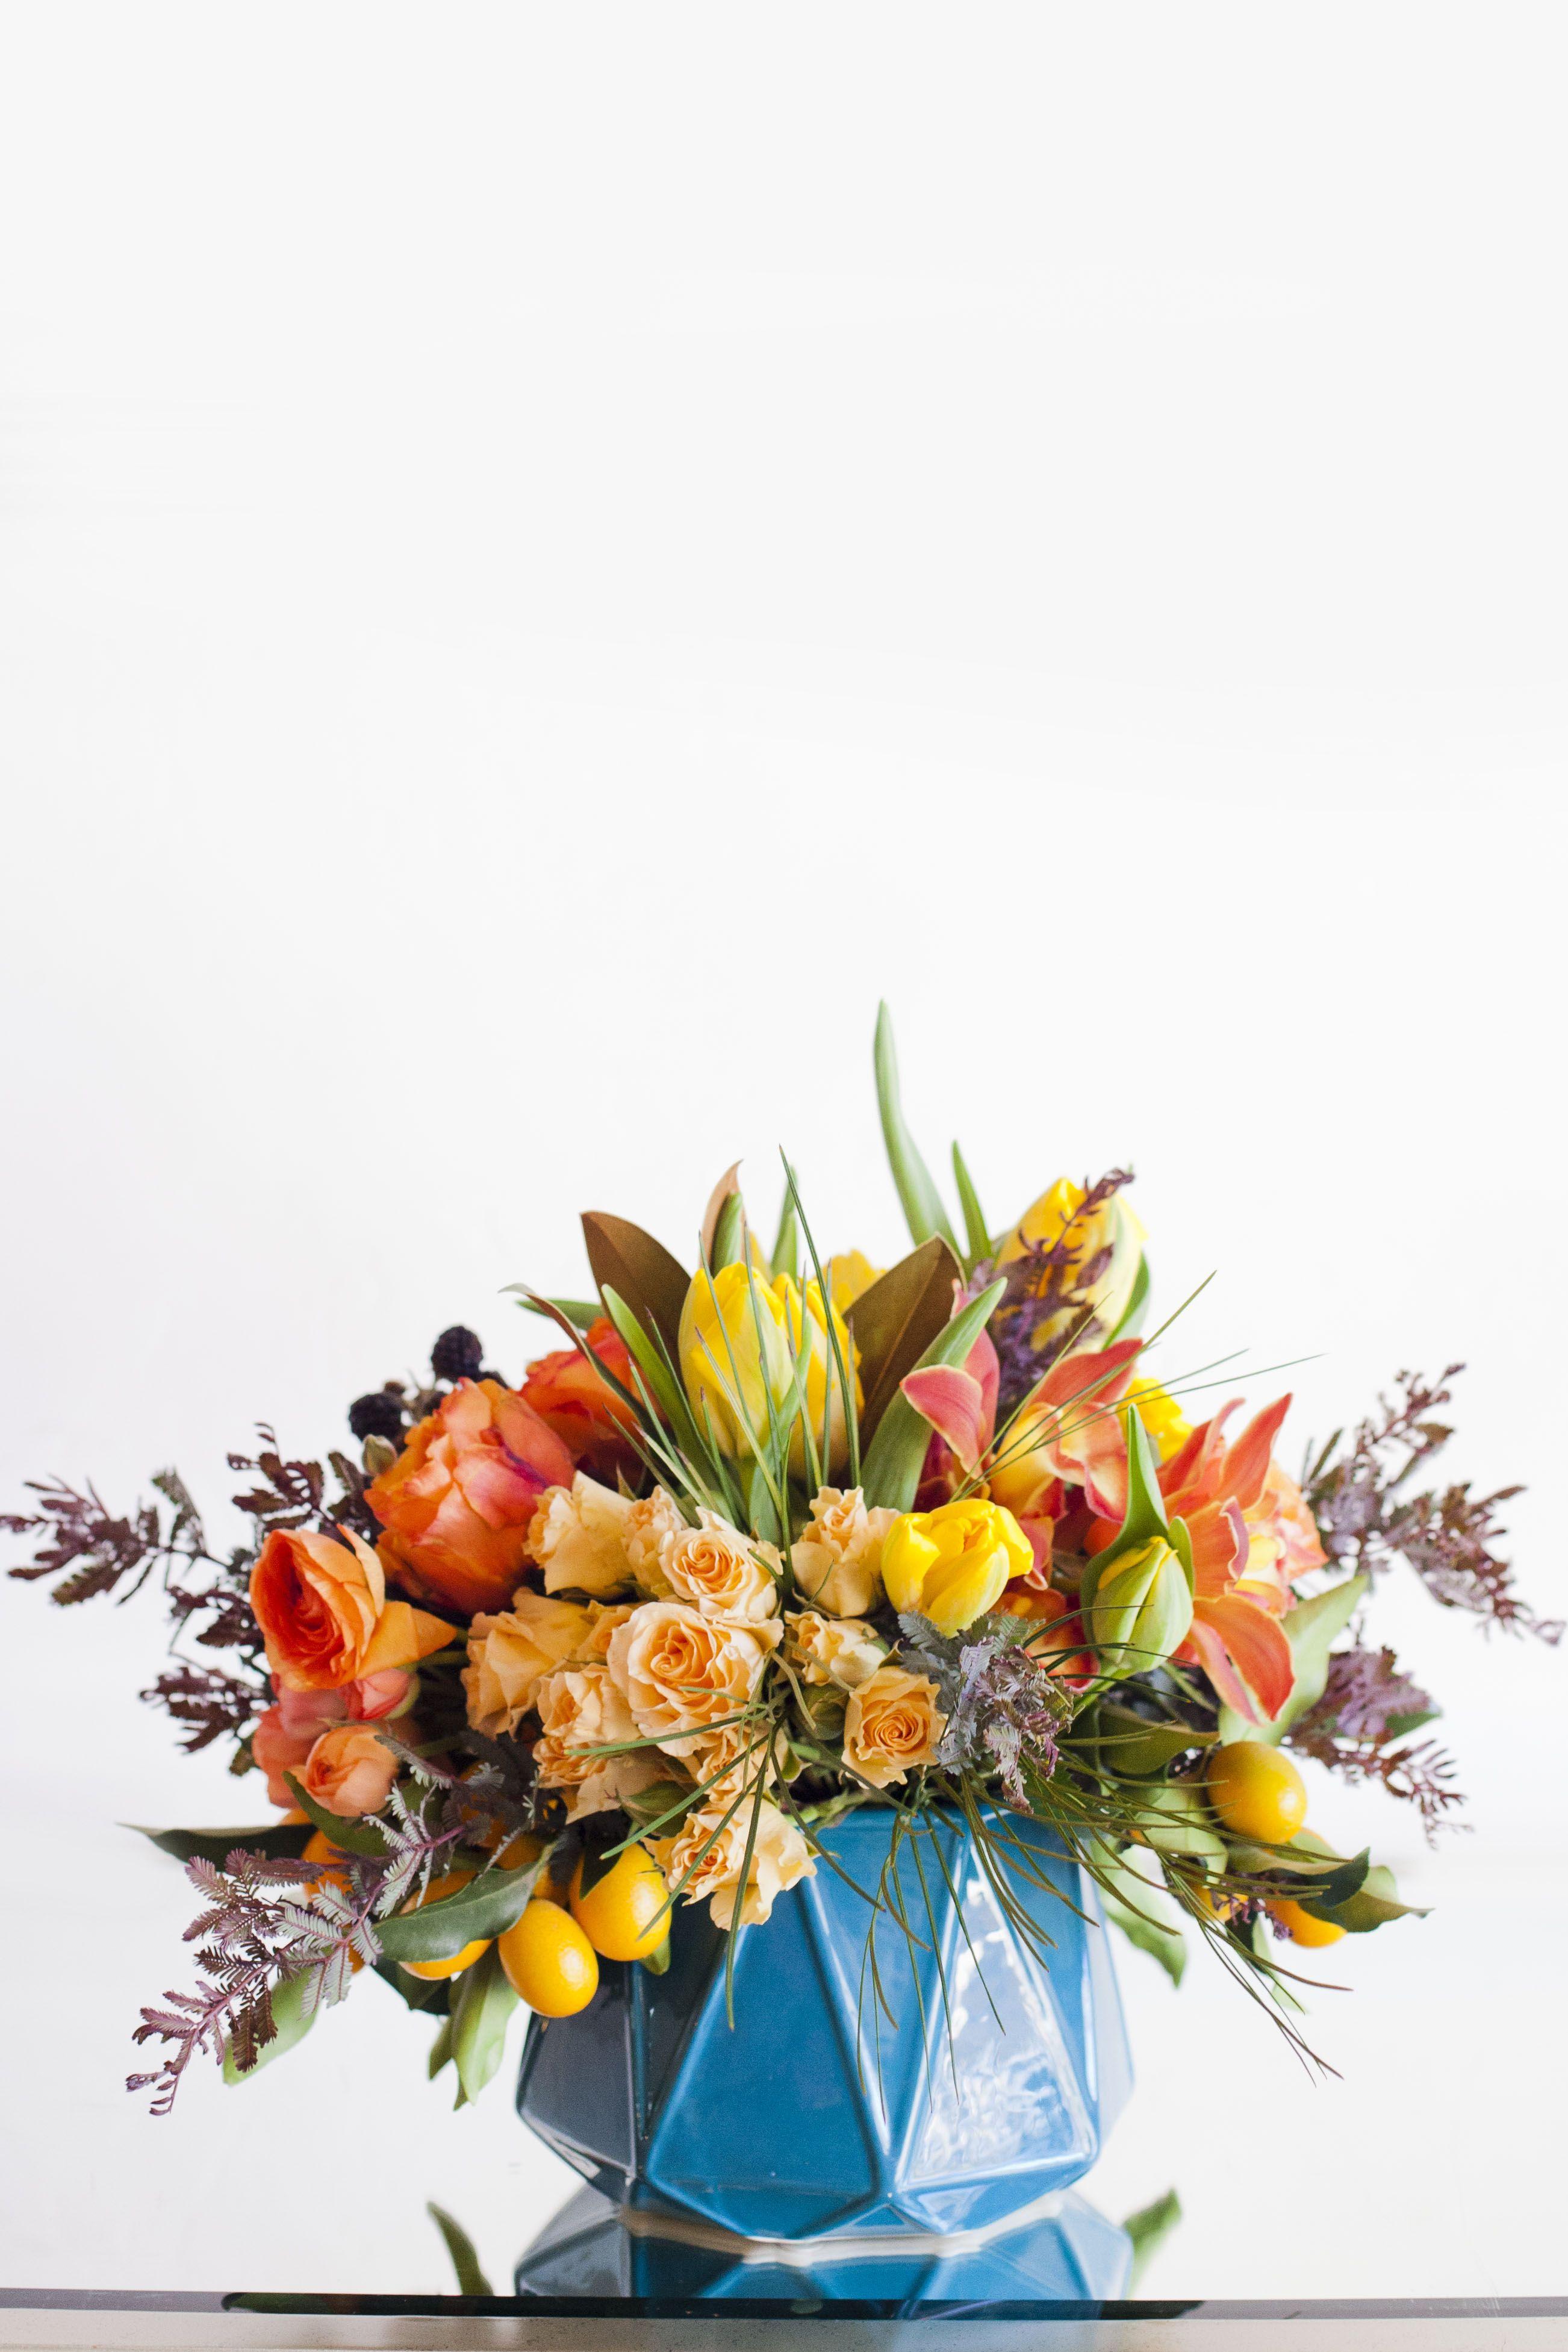 Everyday Arrangement From Isari Flower Studio San Diego Florist Photo By Luna Photo Flower Studio Flower Arrangements San Diego Florist